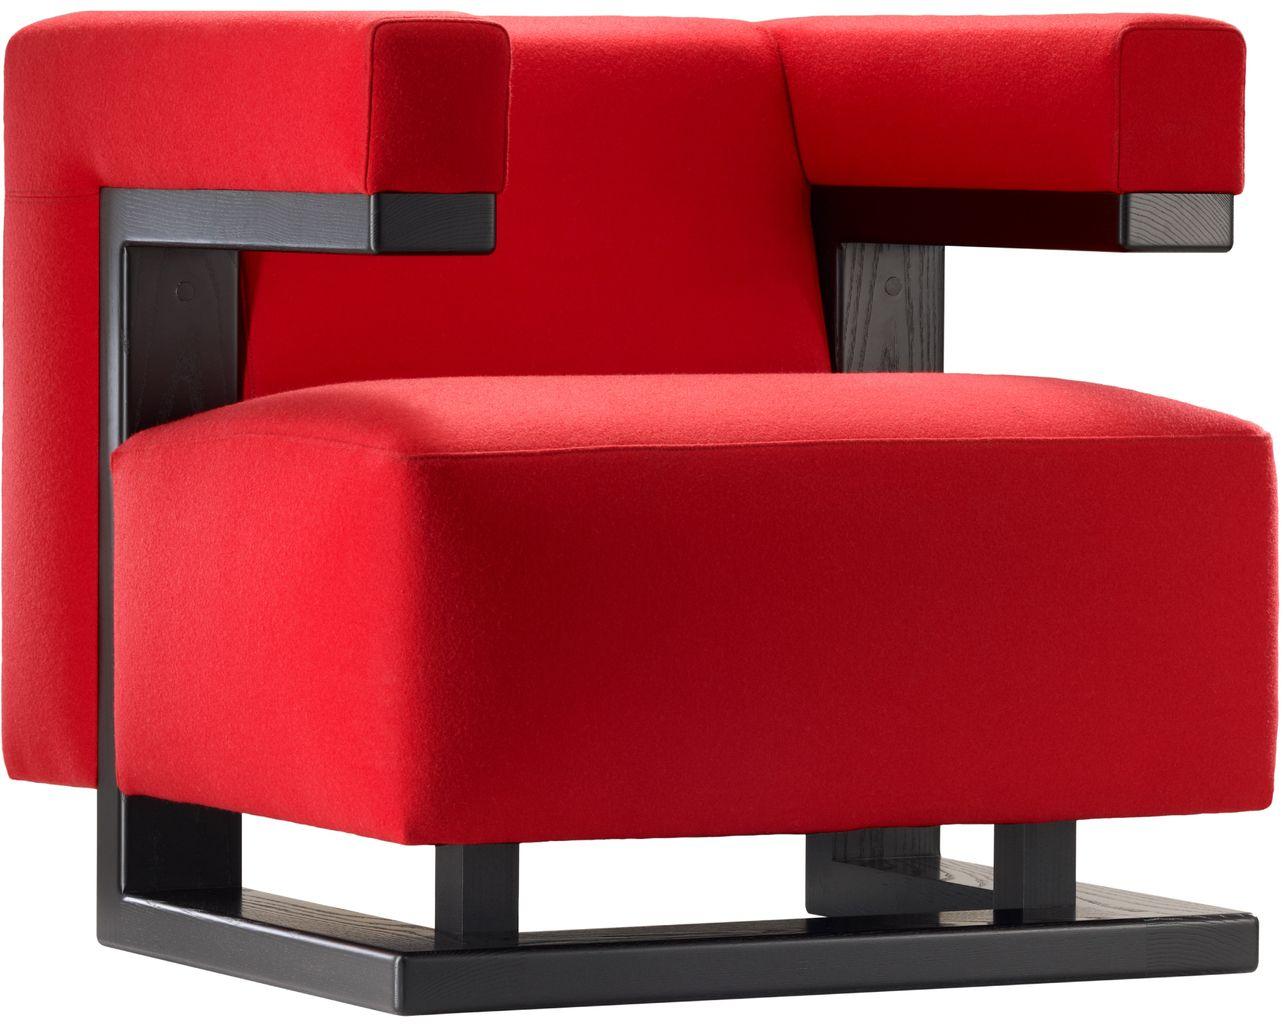 Bauhaus chair 1920 - Tecta F51 Kavallerietuch Rot Esche Massiv Schwarz Sessel Walter Gropius Bauhaus